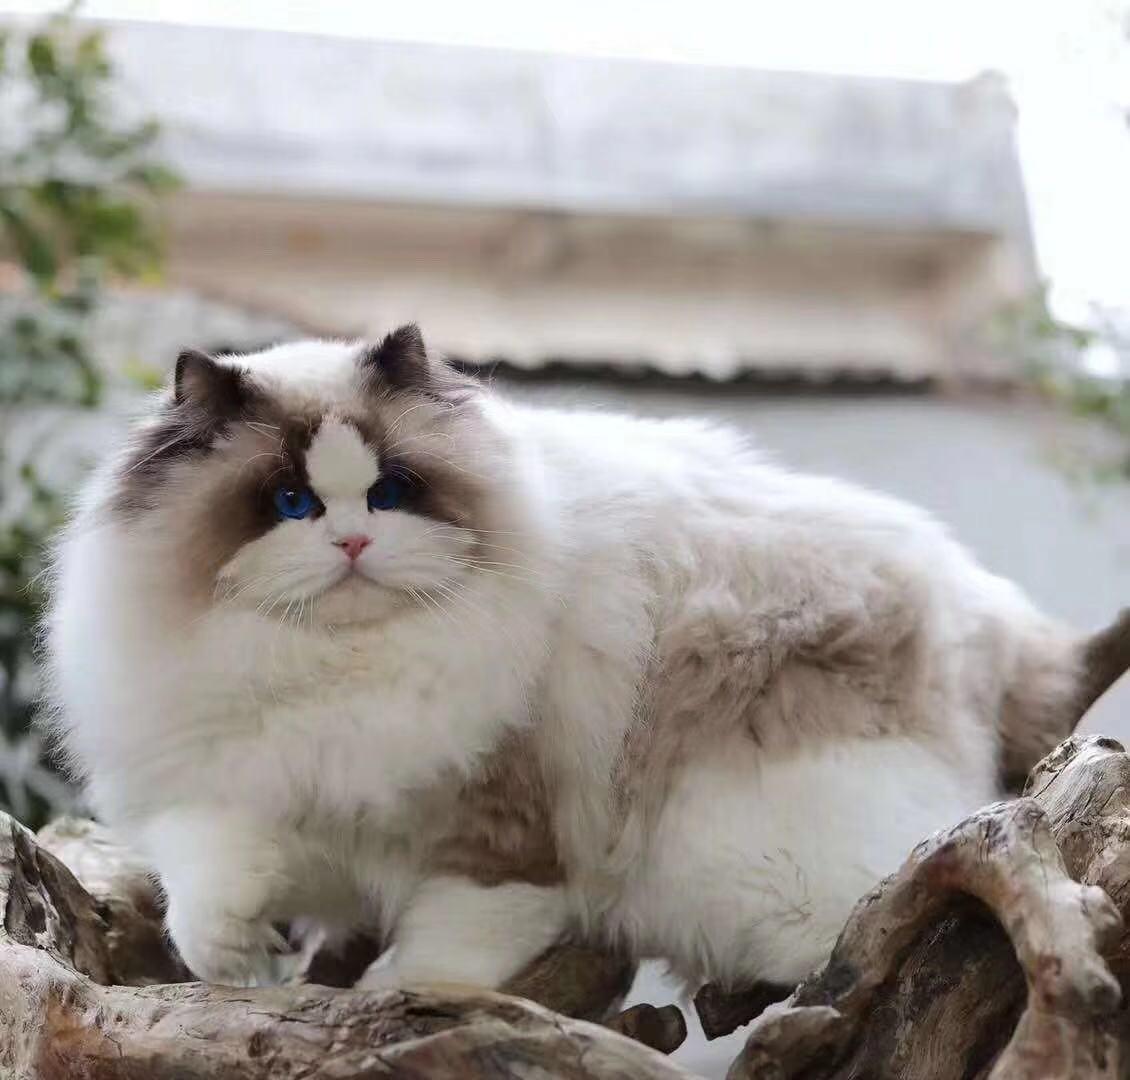 权威机构认证猫舍、专业布偶猫培育 完美售后服务